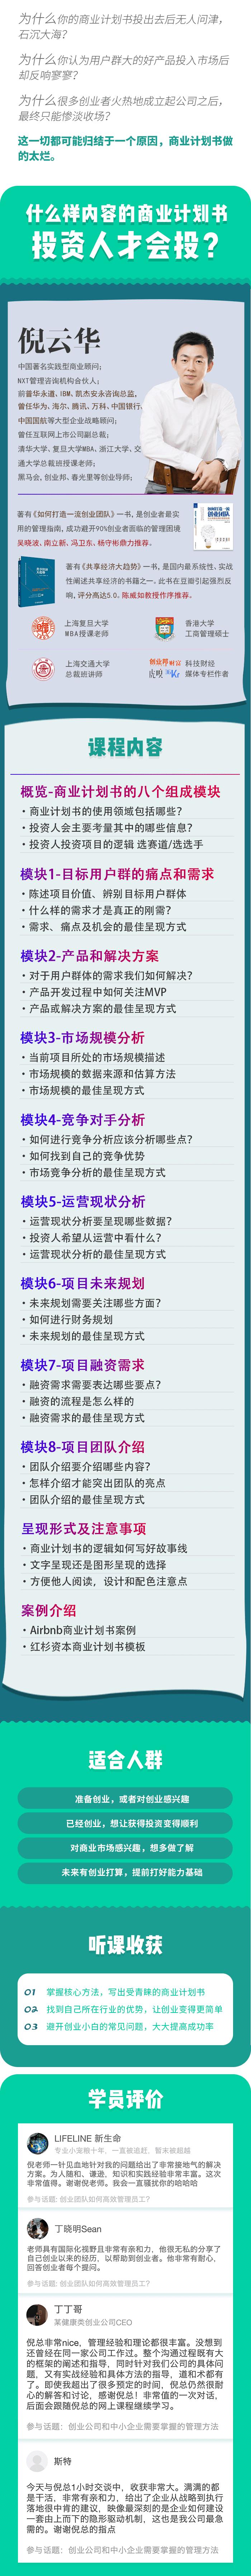 商业计划书课程详情页(图片).png